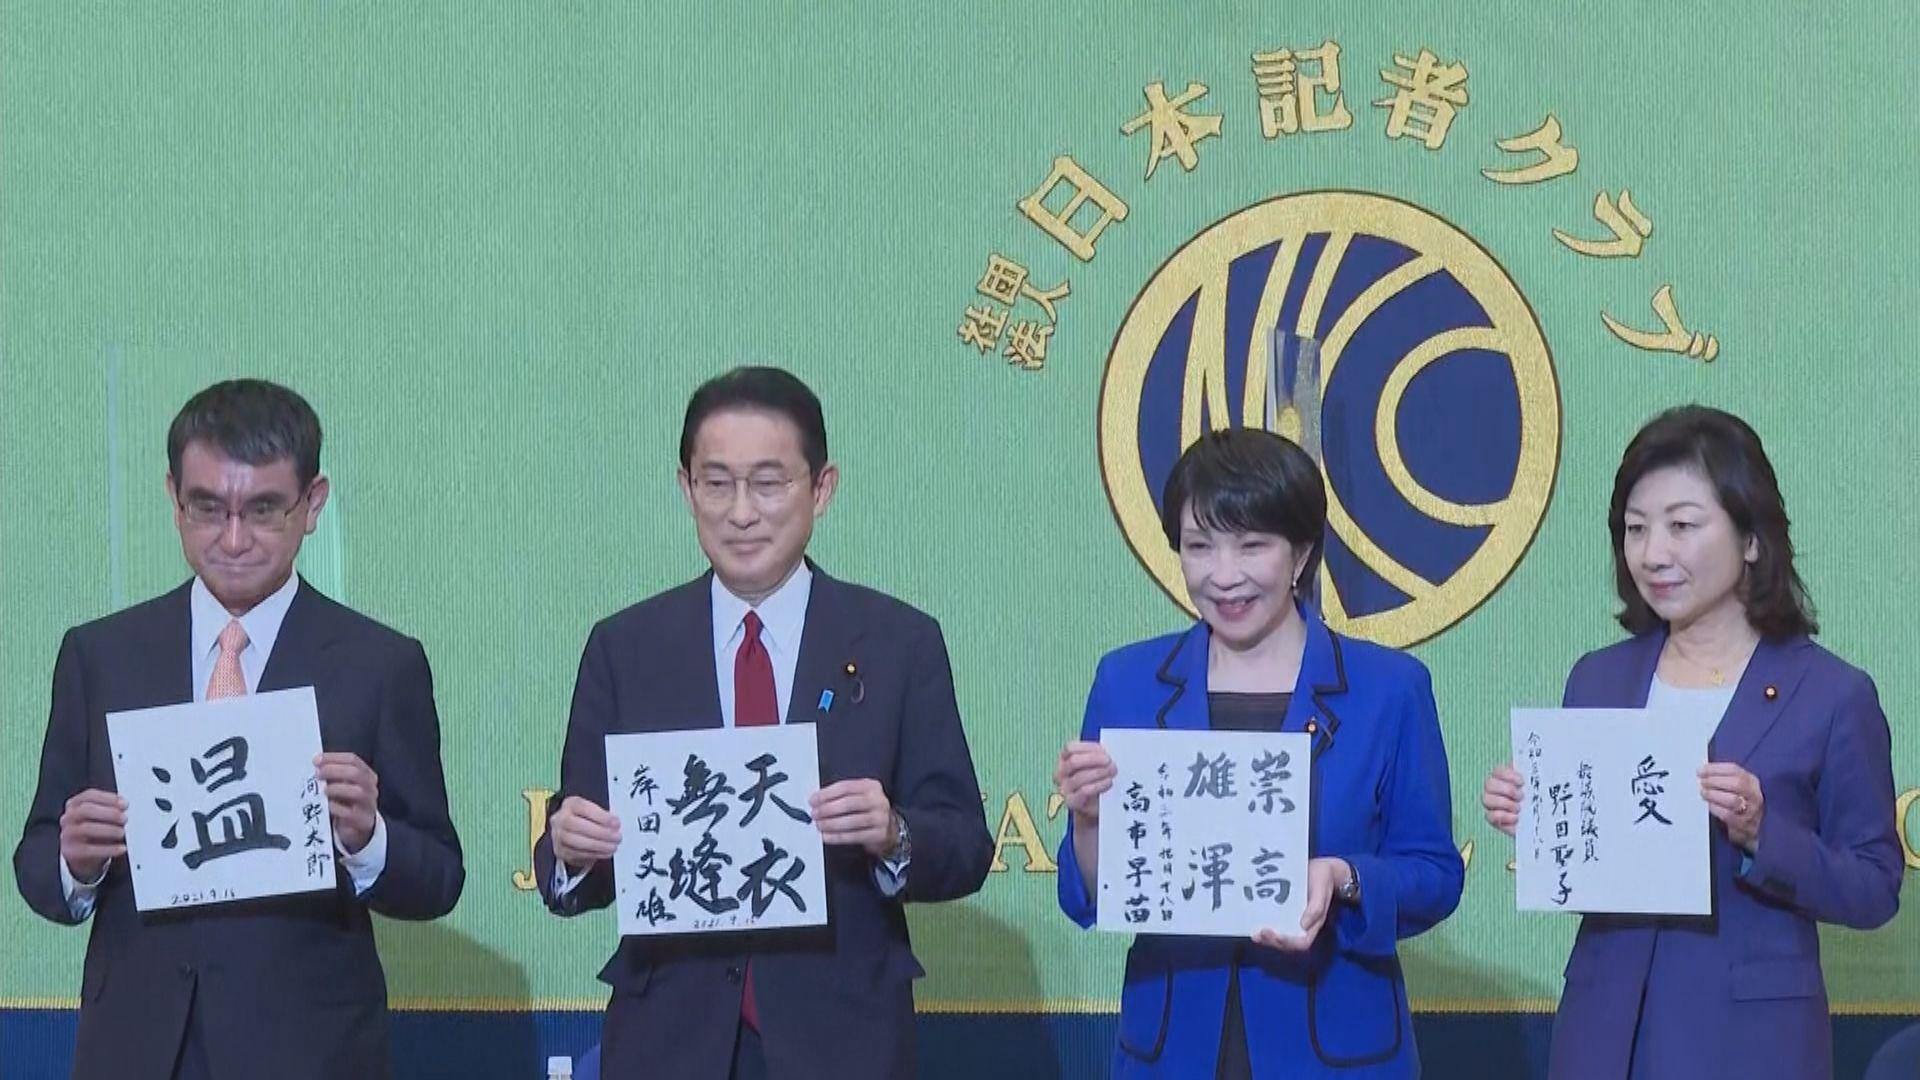 日本自民黨總裁候選人 外交上態度各異